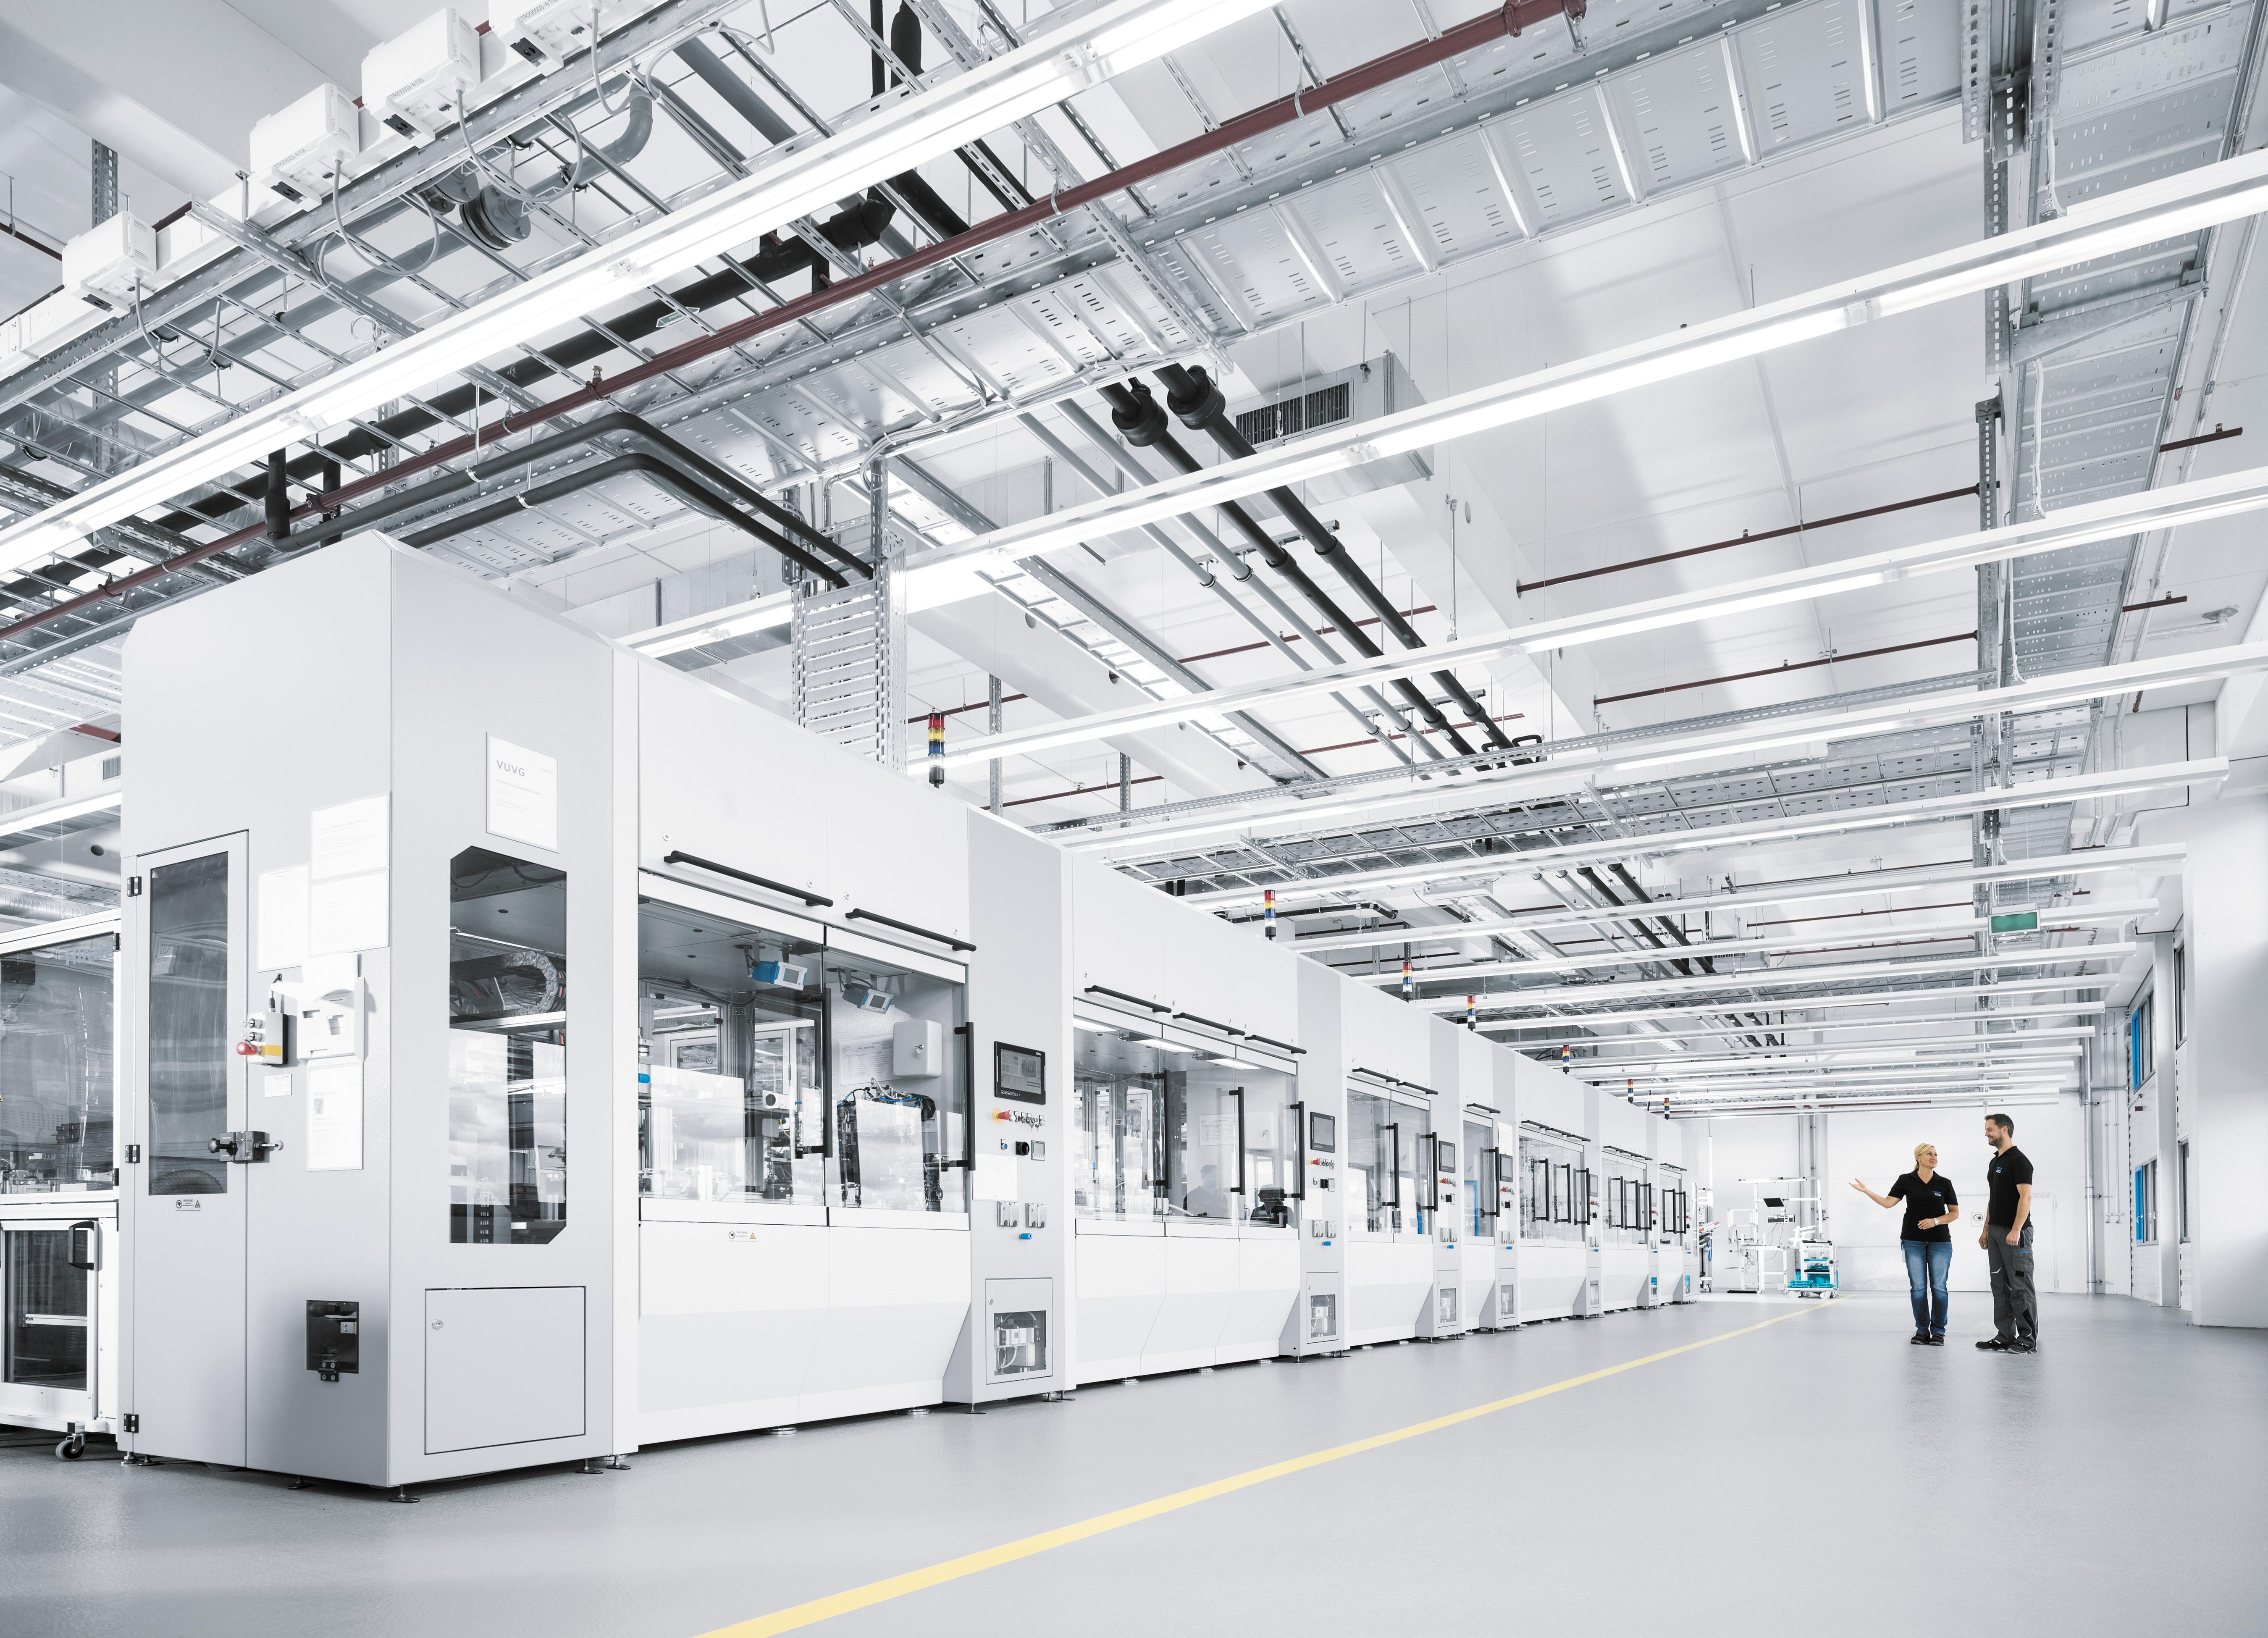 Современная производственная линия на заводе в Шарнхаузене